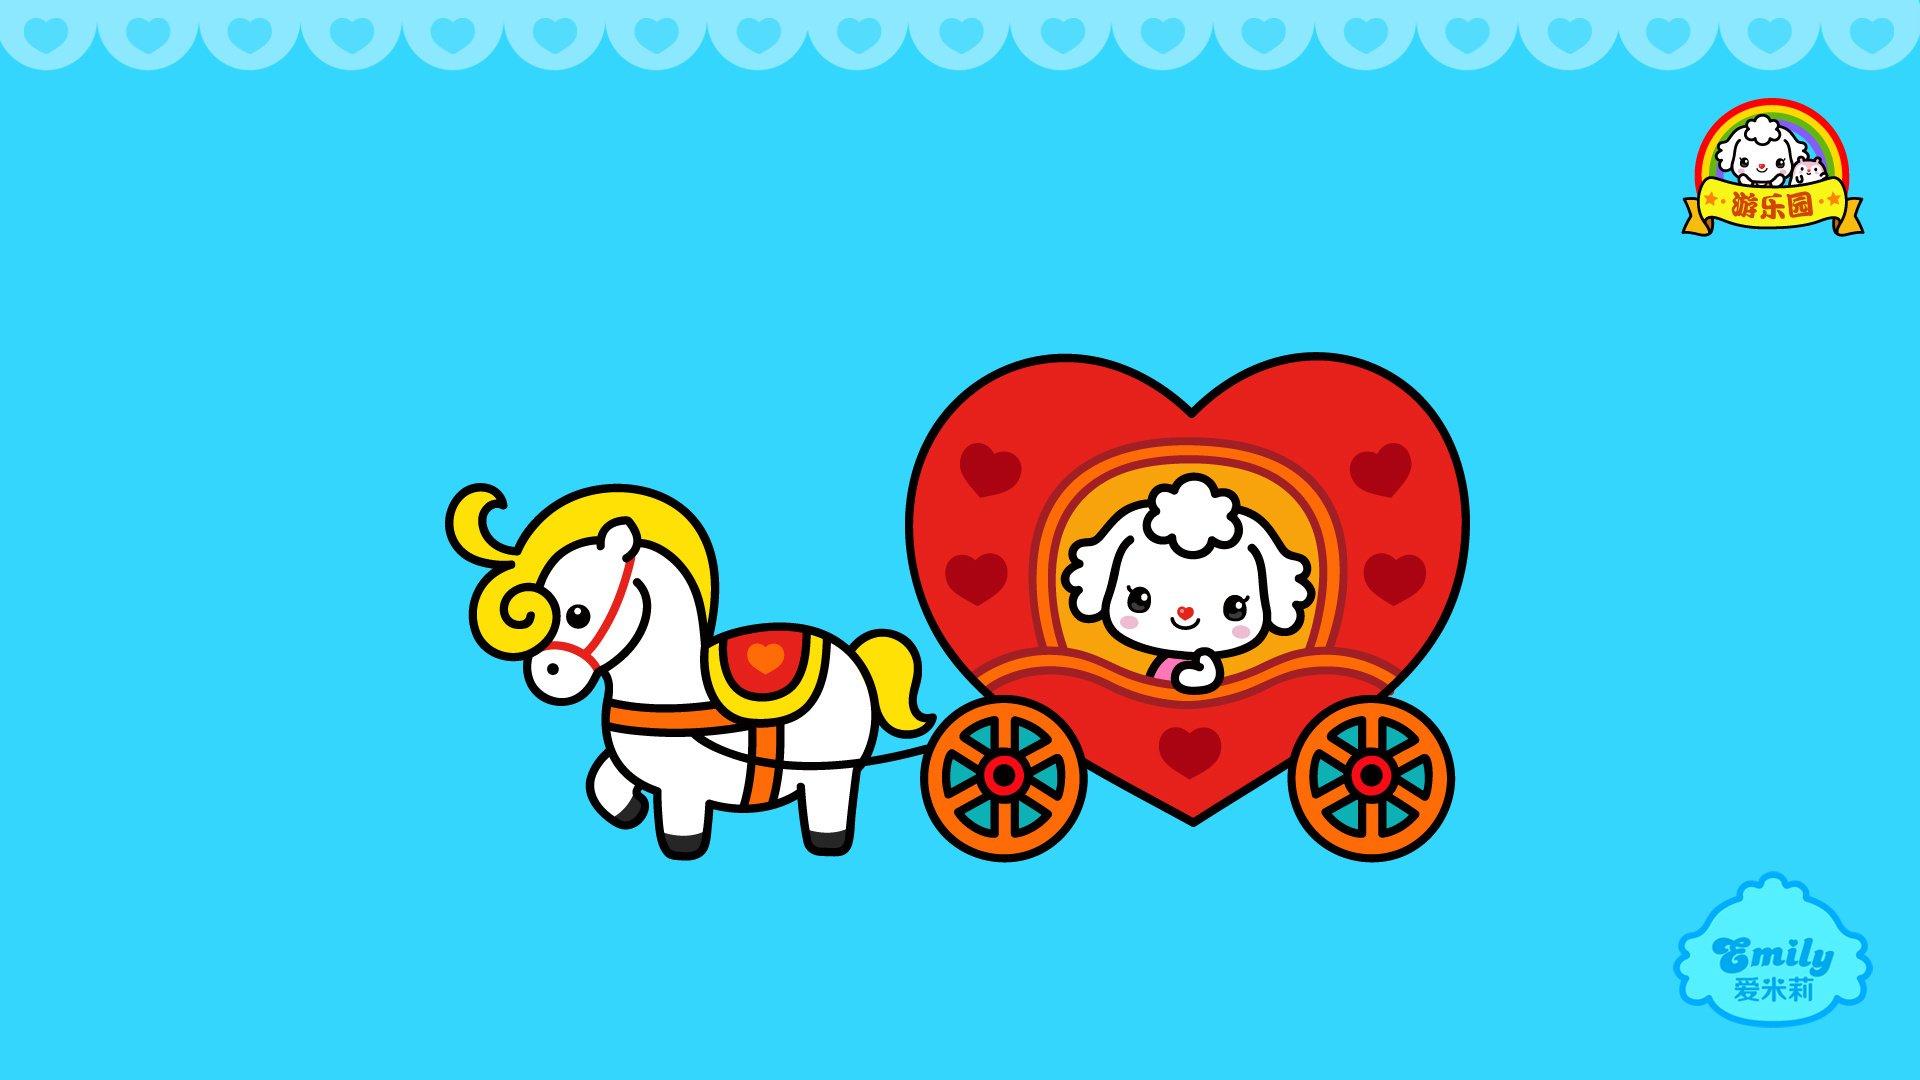 android安卓动漫 卡通 爱米莉 可爱 公仔高清手机壁纸